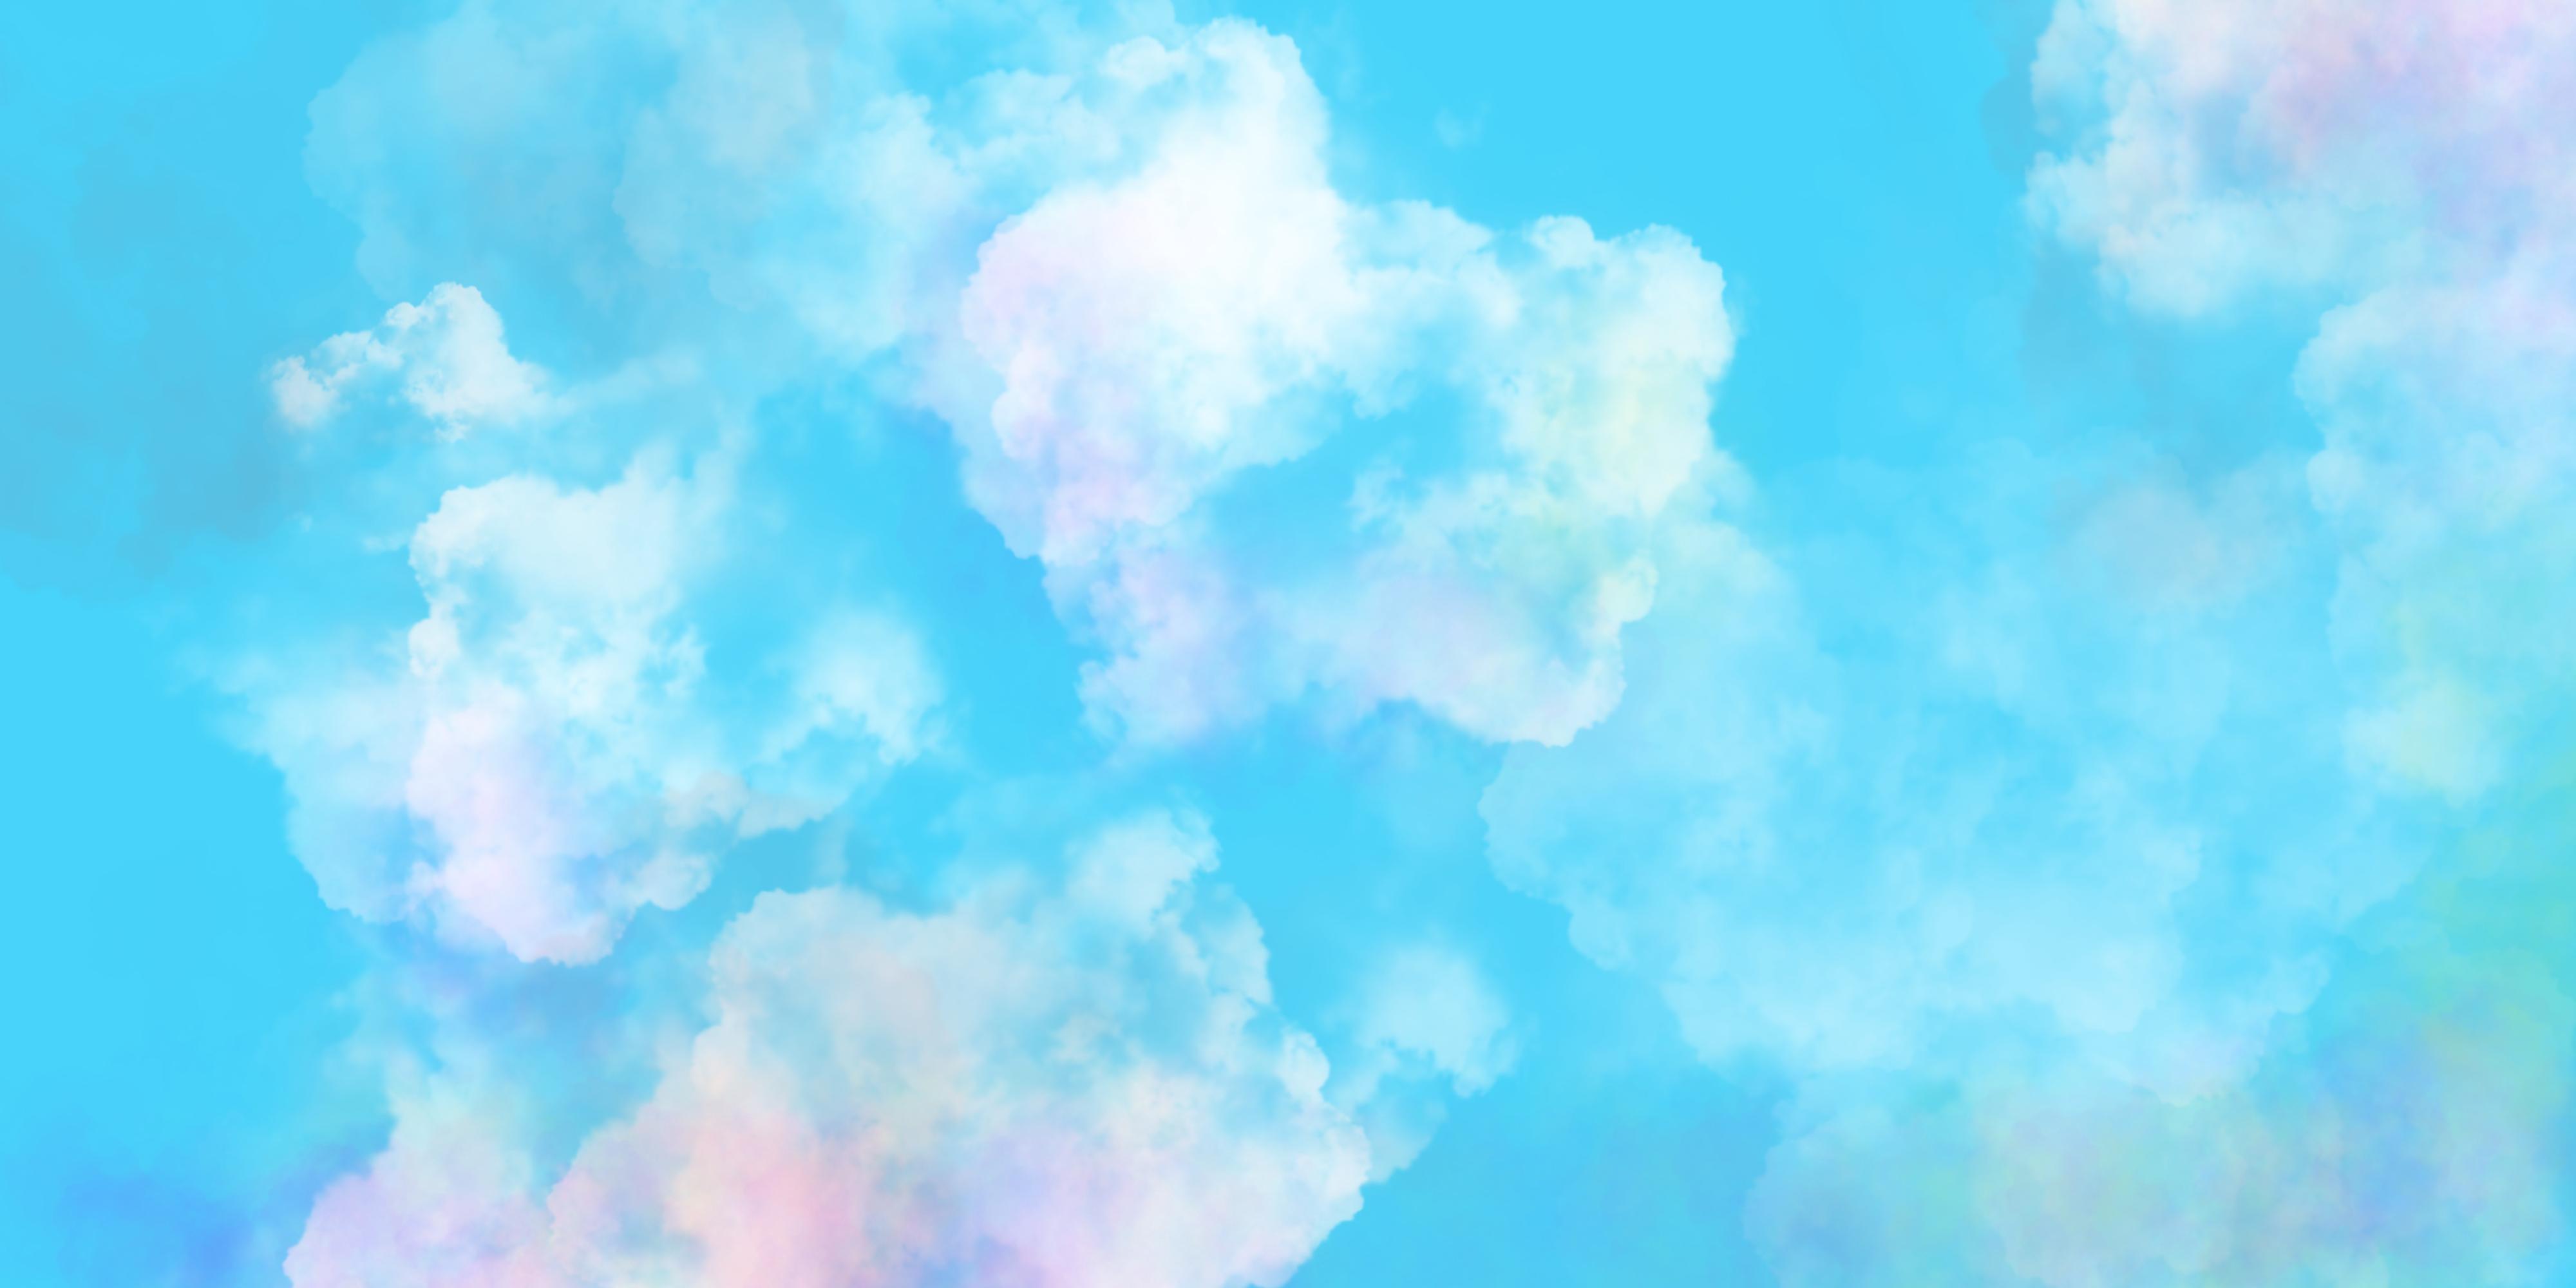 Hình ảnh trời mây đốm hồng cực đẹp